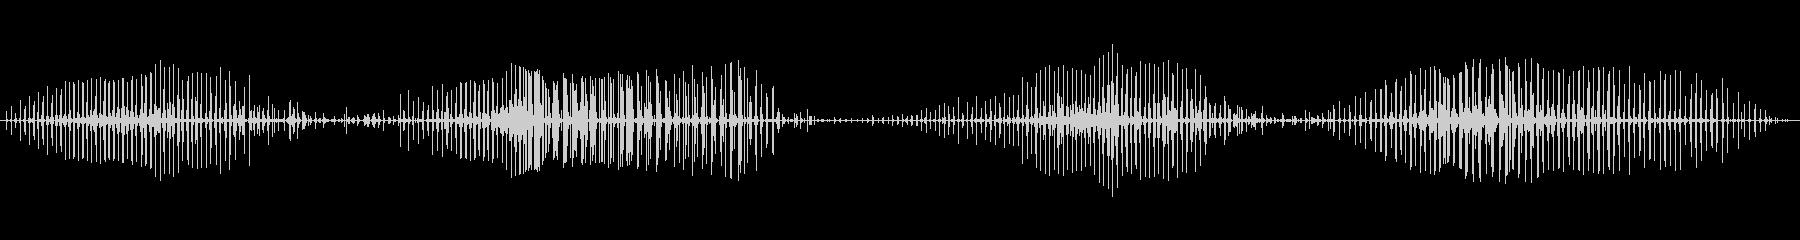 コブルストン馬でのトロットバイの未再生の波形